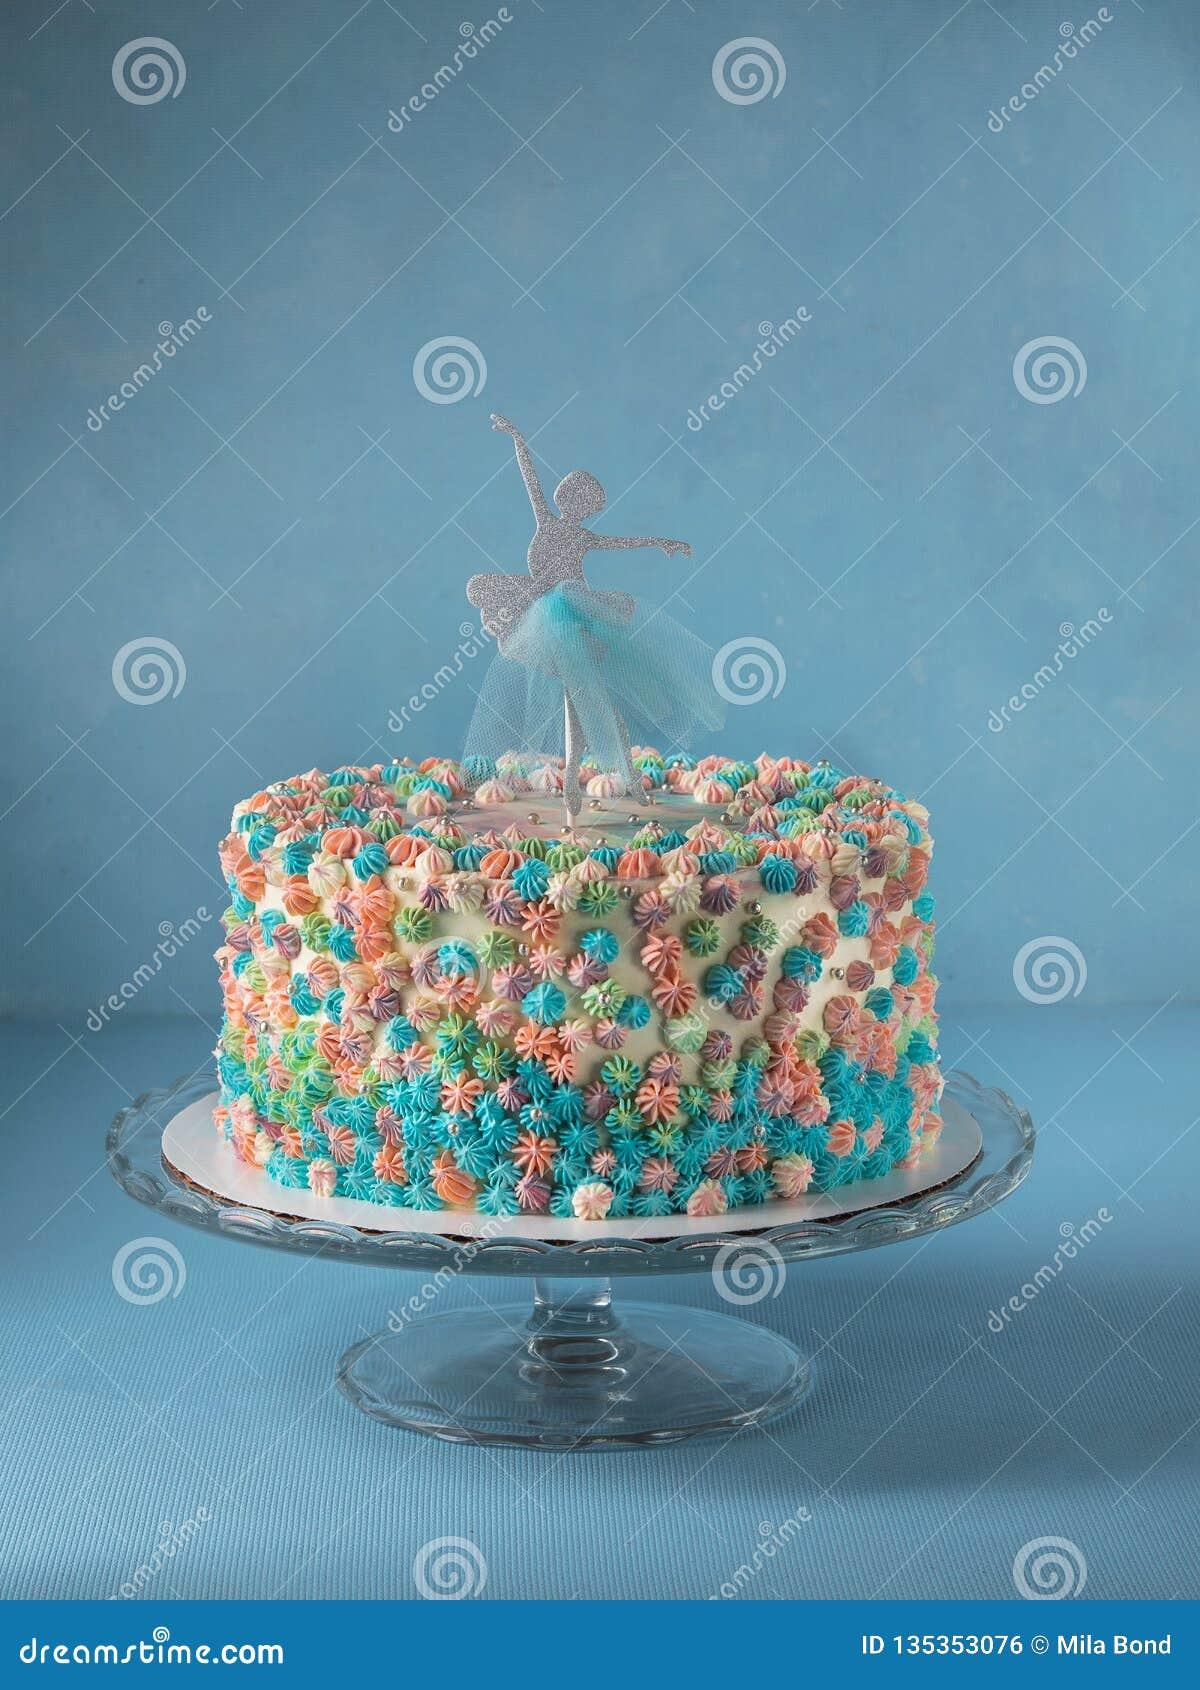 Pastel De Capas De Cumpleanos Adornado Con El Primero De La Torta De